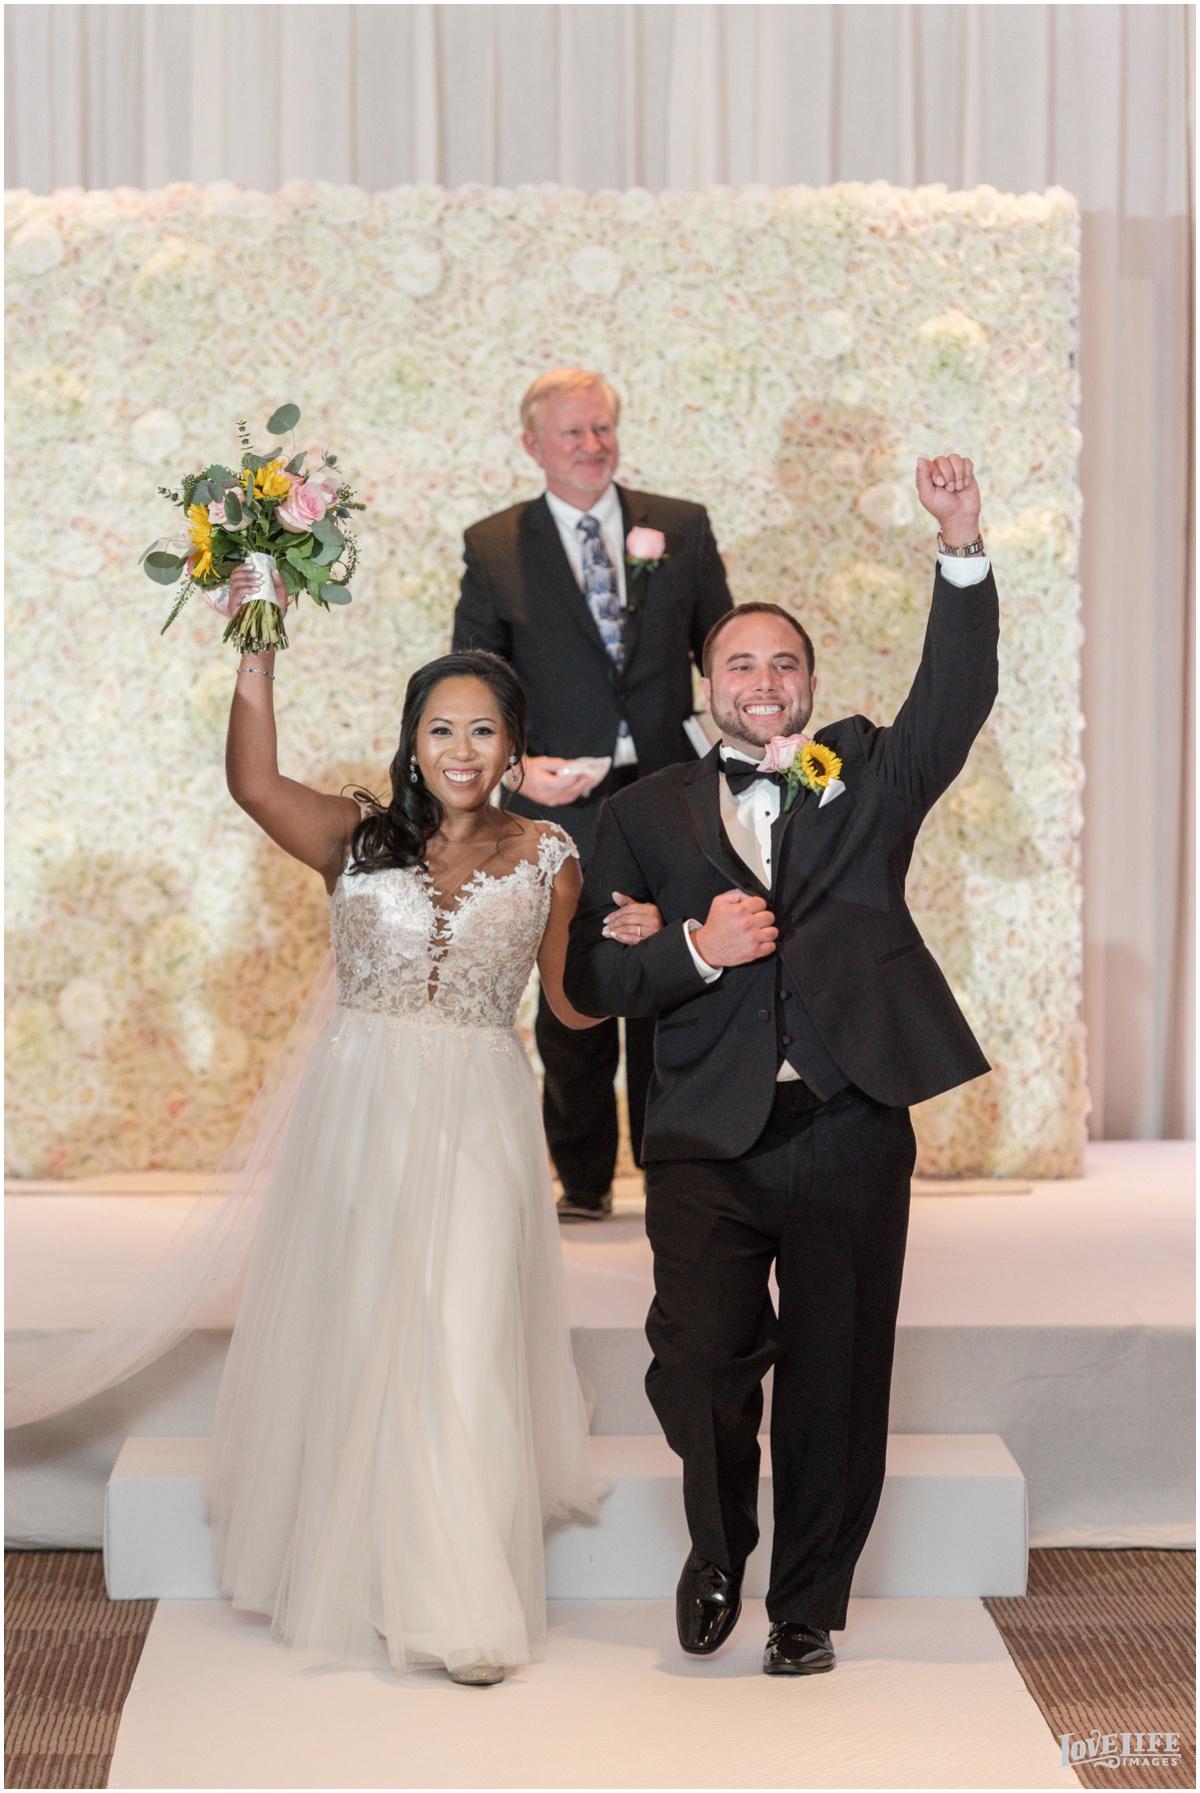 Park Hyatt DC Wedding ceremony newlyweds.jpg